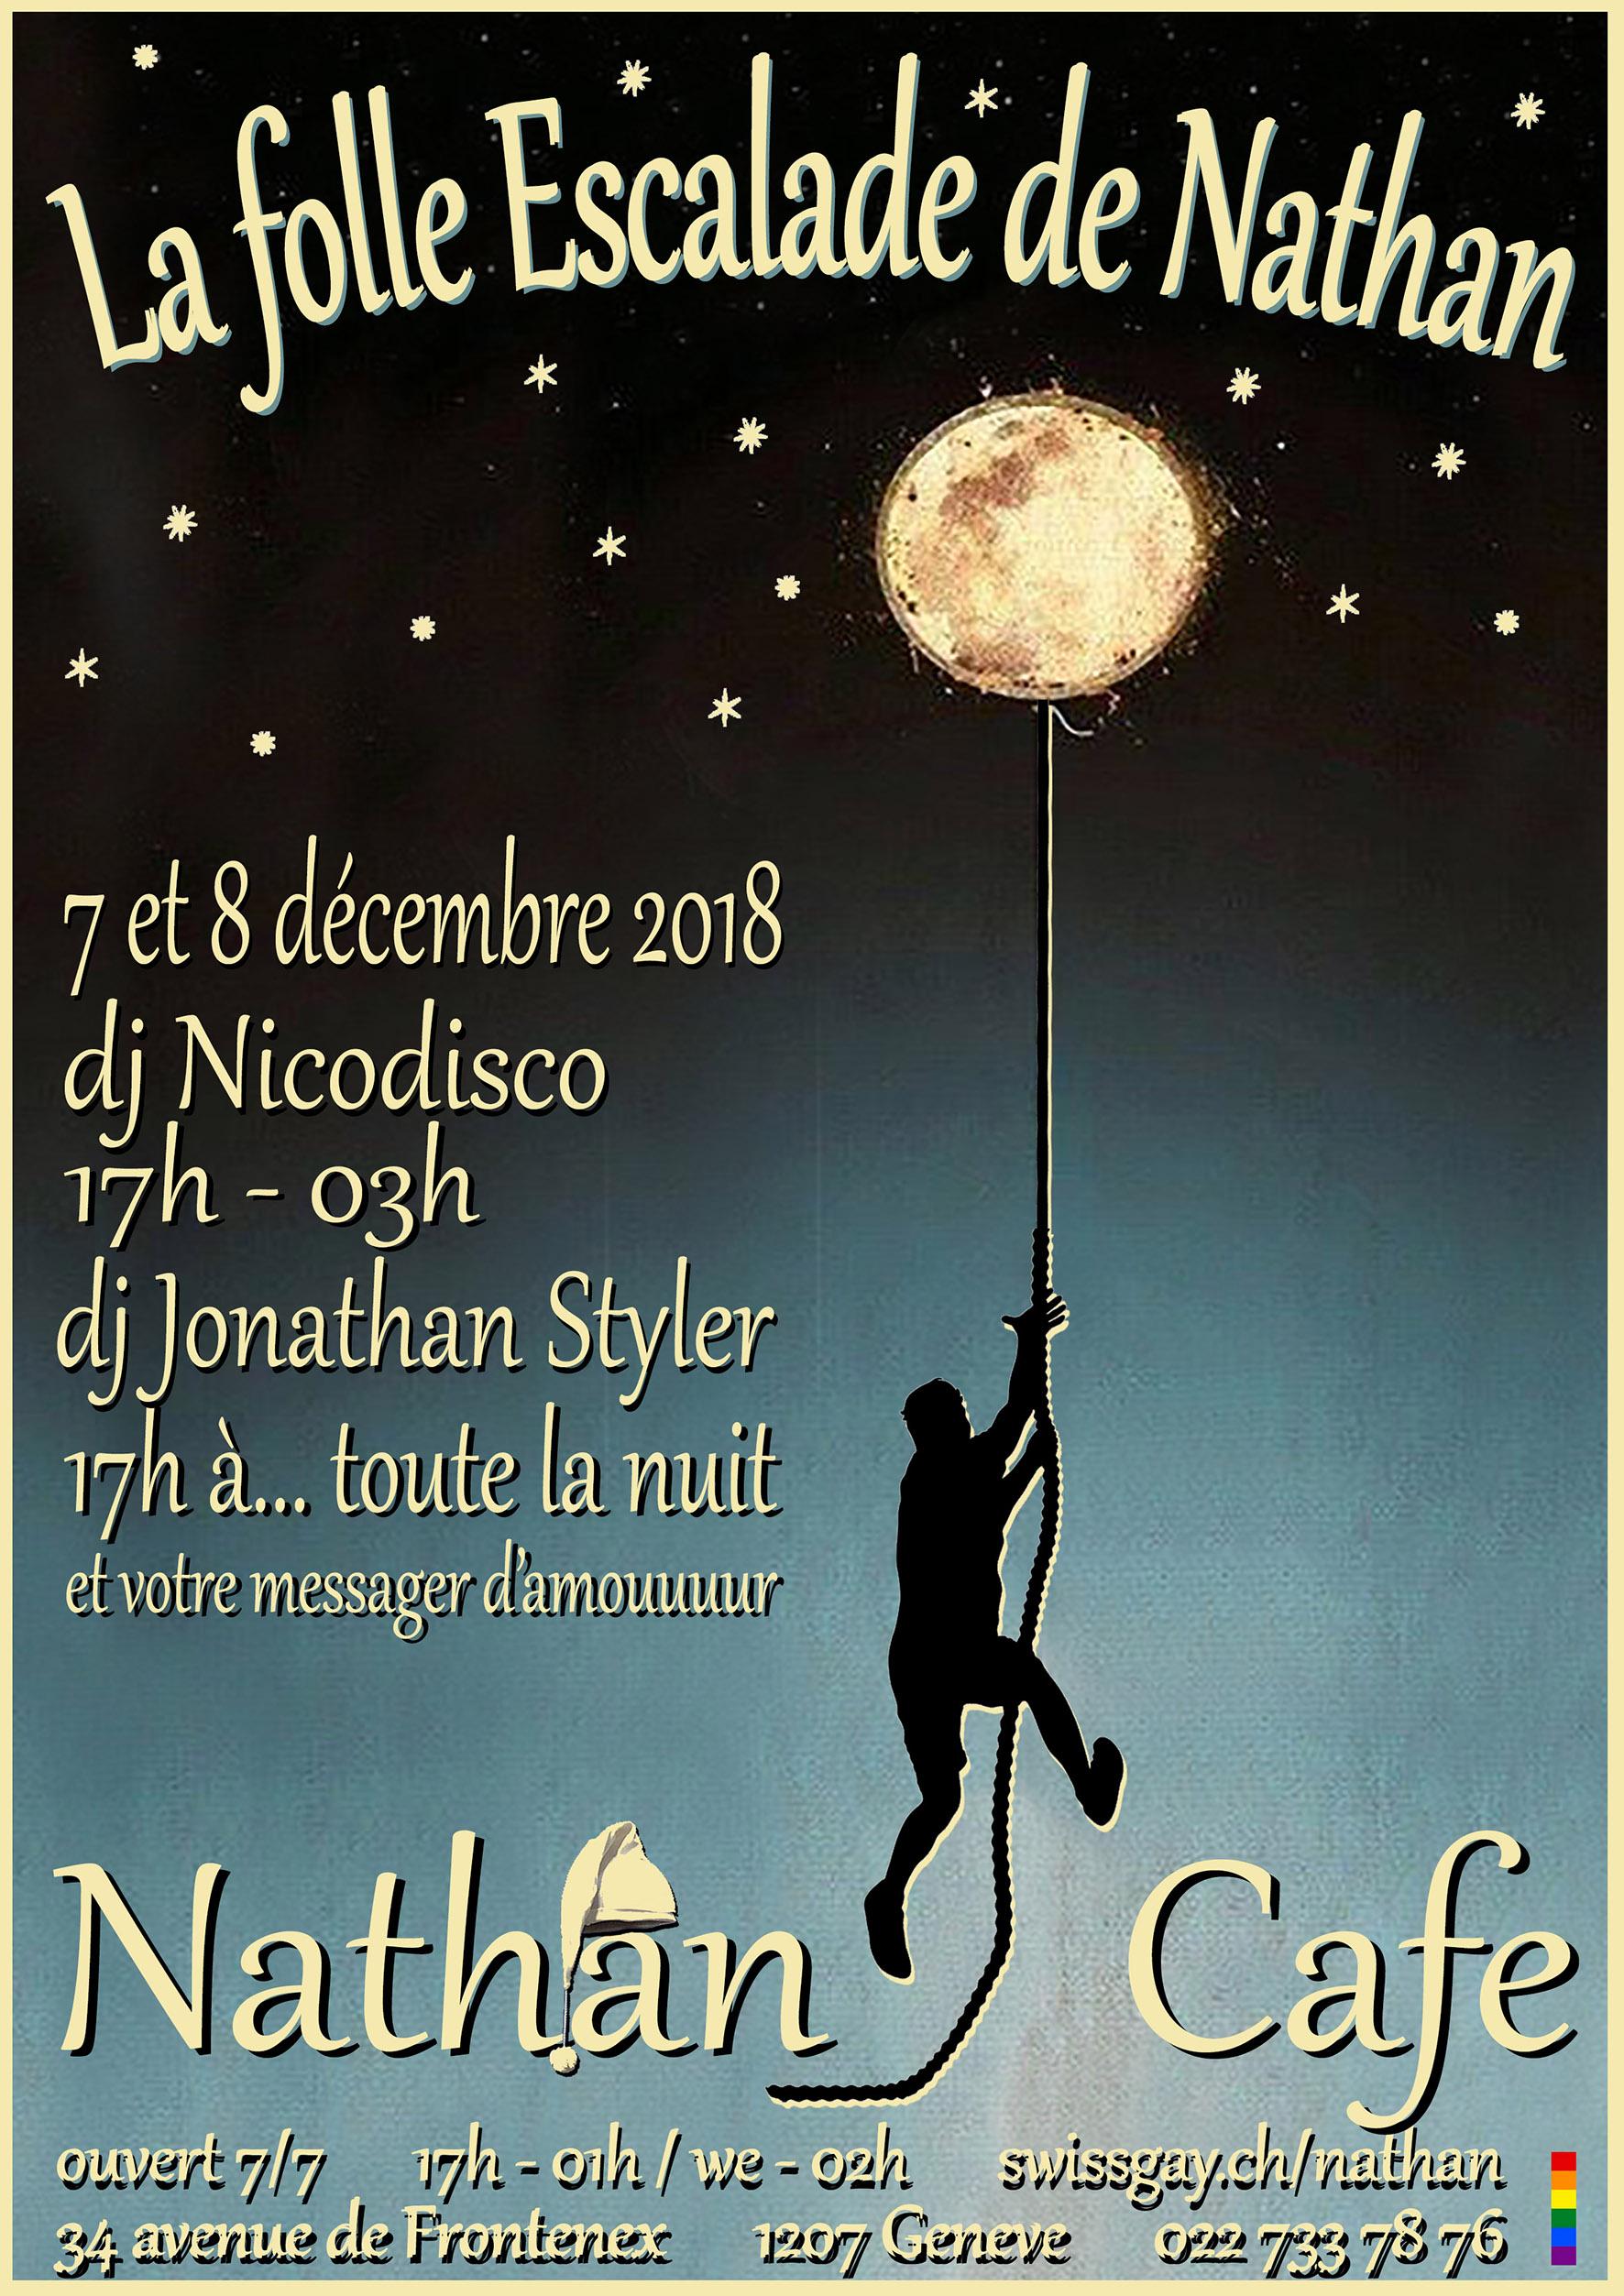 """Nathan Café Genève - """"La folle Escalade de Nathan"""" - 7 et 8 décembre 2018"""